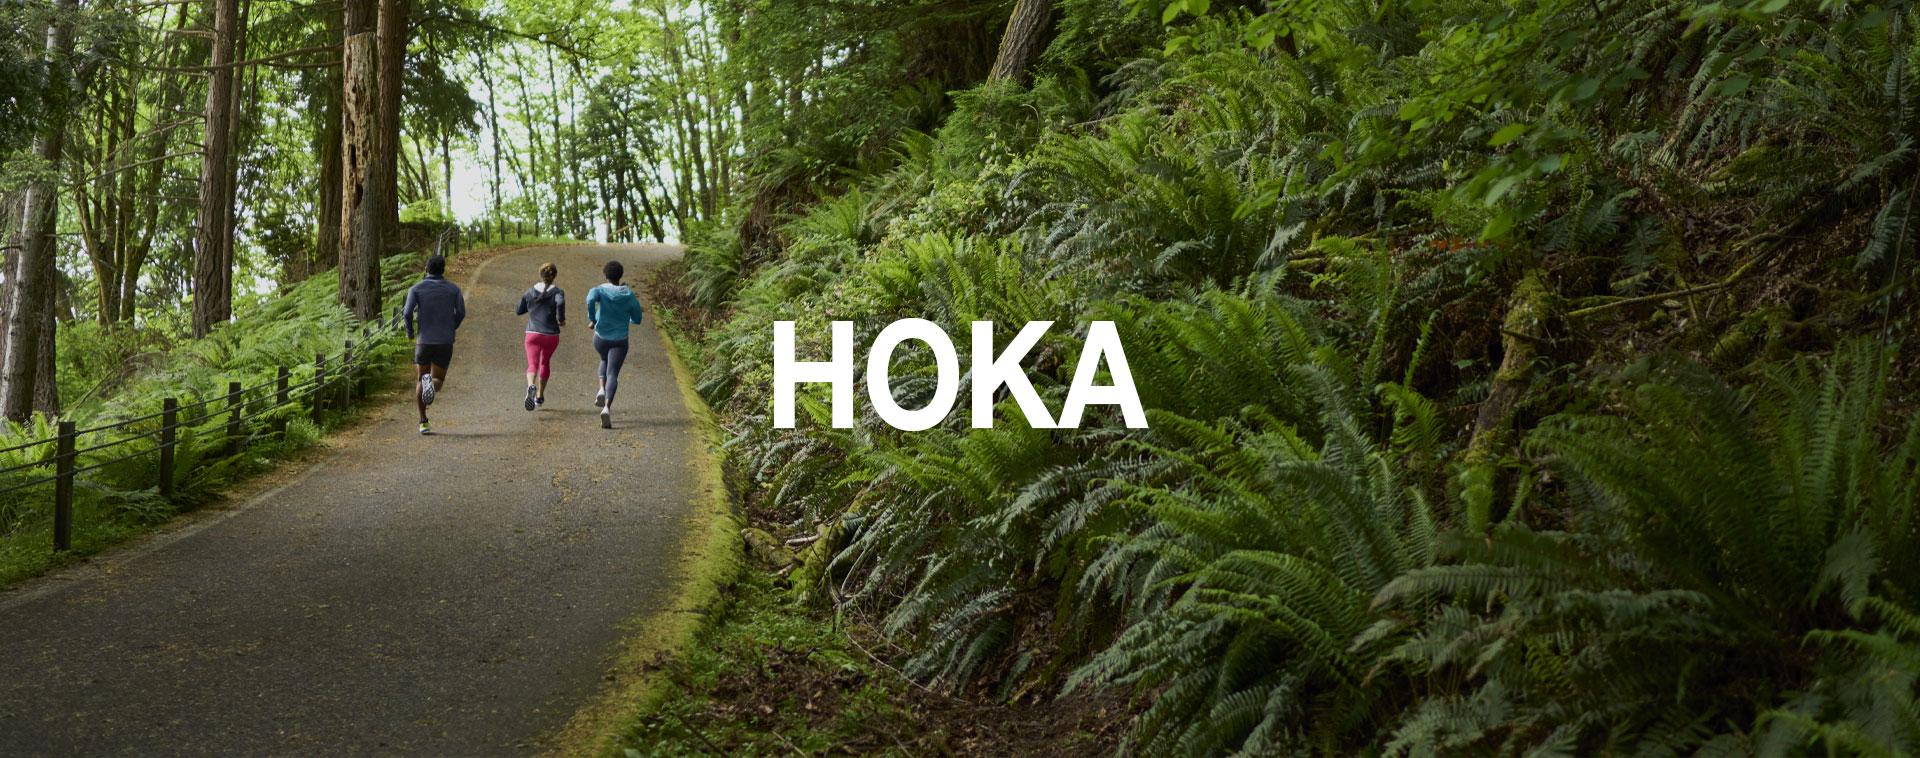 Mountain High Outfitters HOKA